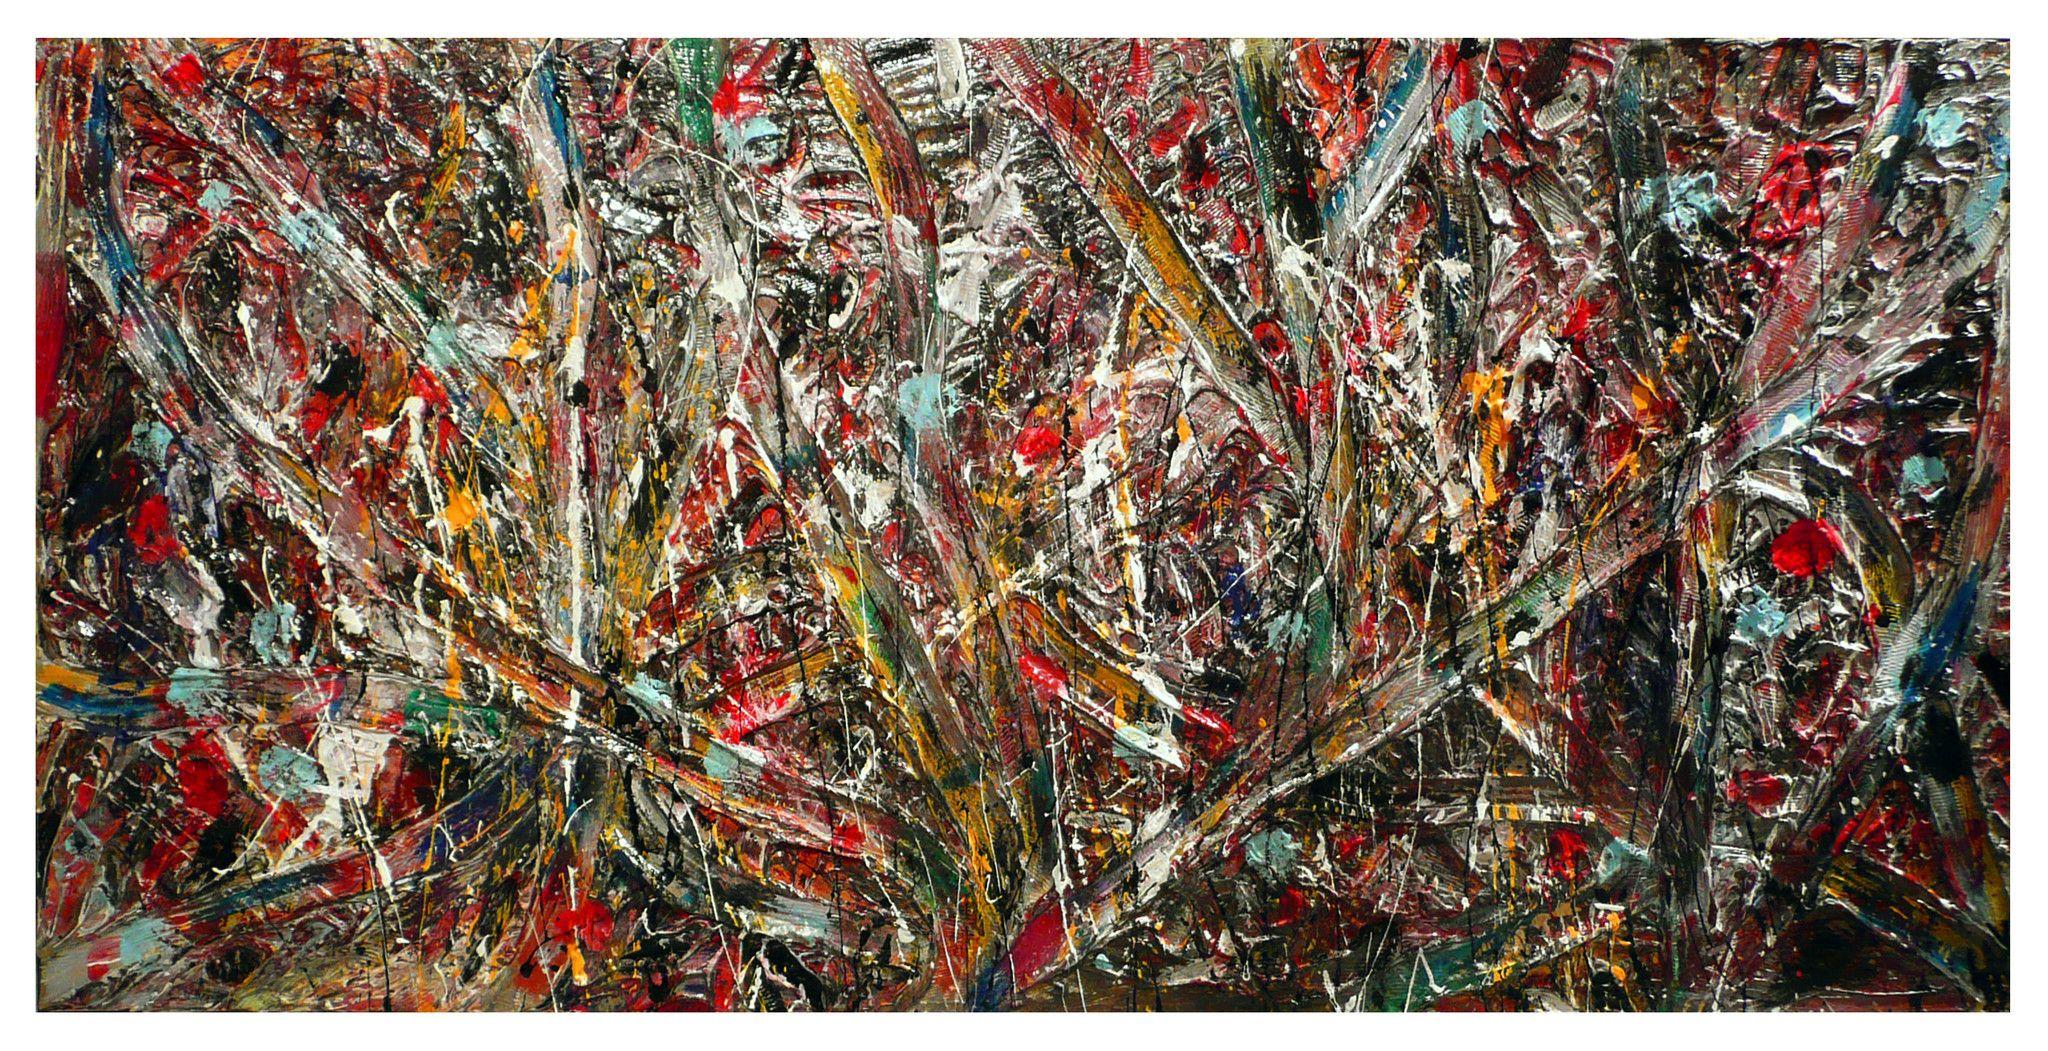 PROMOZIONE #artistadelmese MIXED MEDIA SERGIO SASSIDA ' NATURA VIVA '  dimensioni L 125 x H 60 cm.